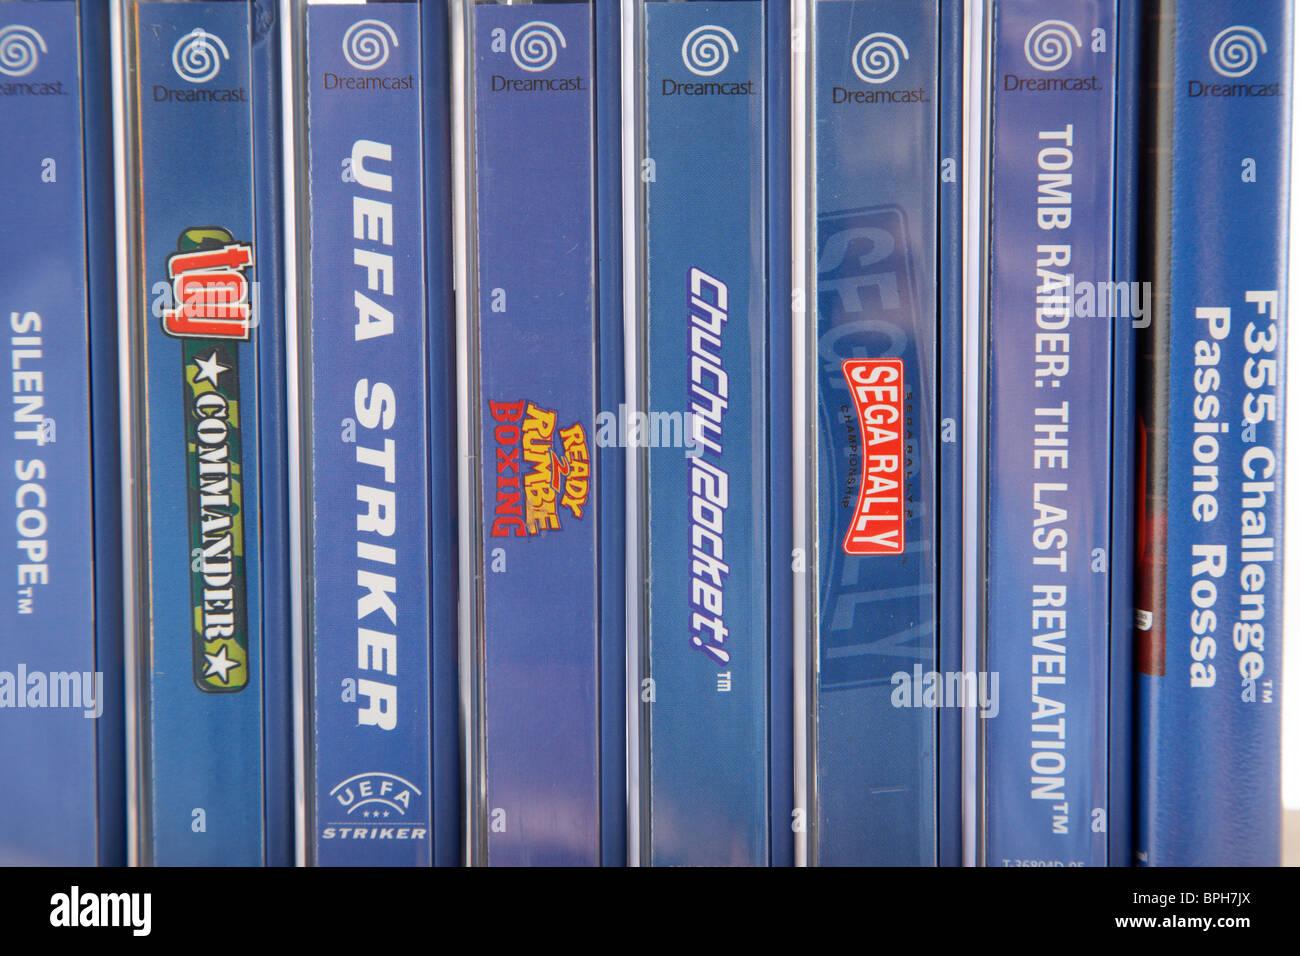 Juegos Originales Para Sega Dreamcast Desde Los 90s Foto Imagen De